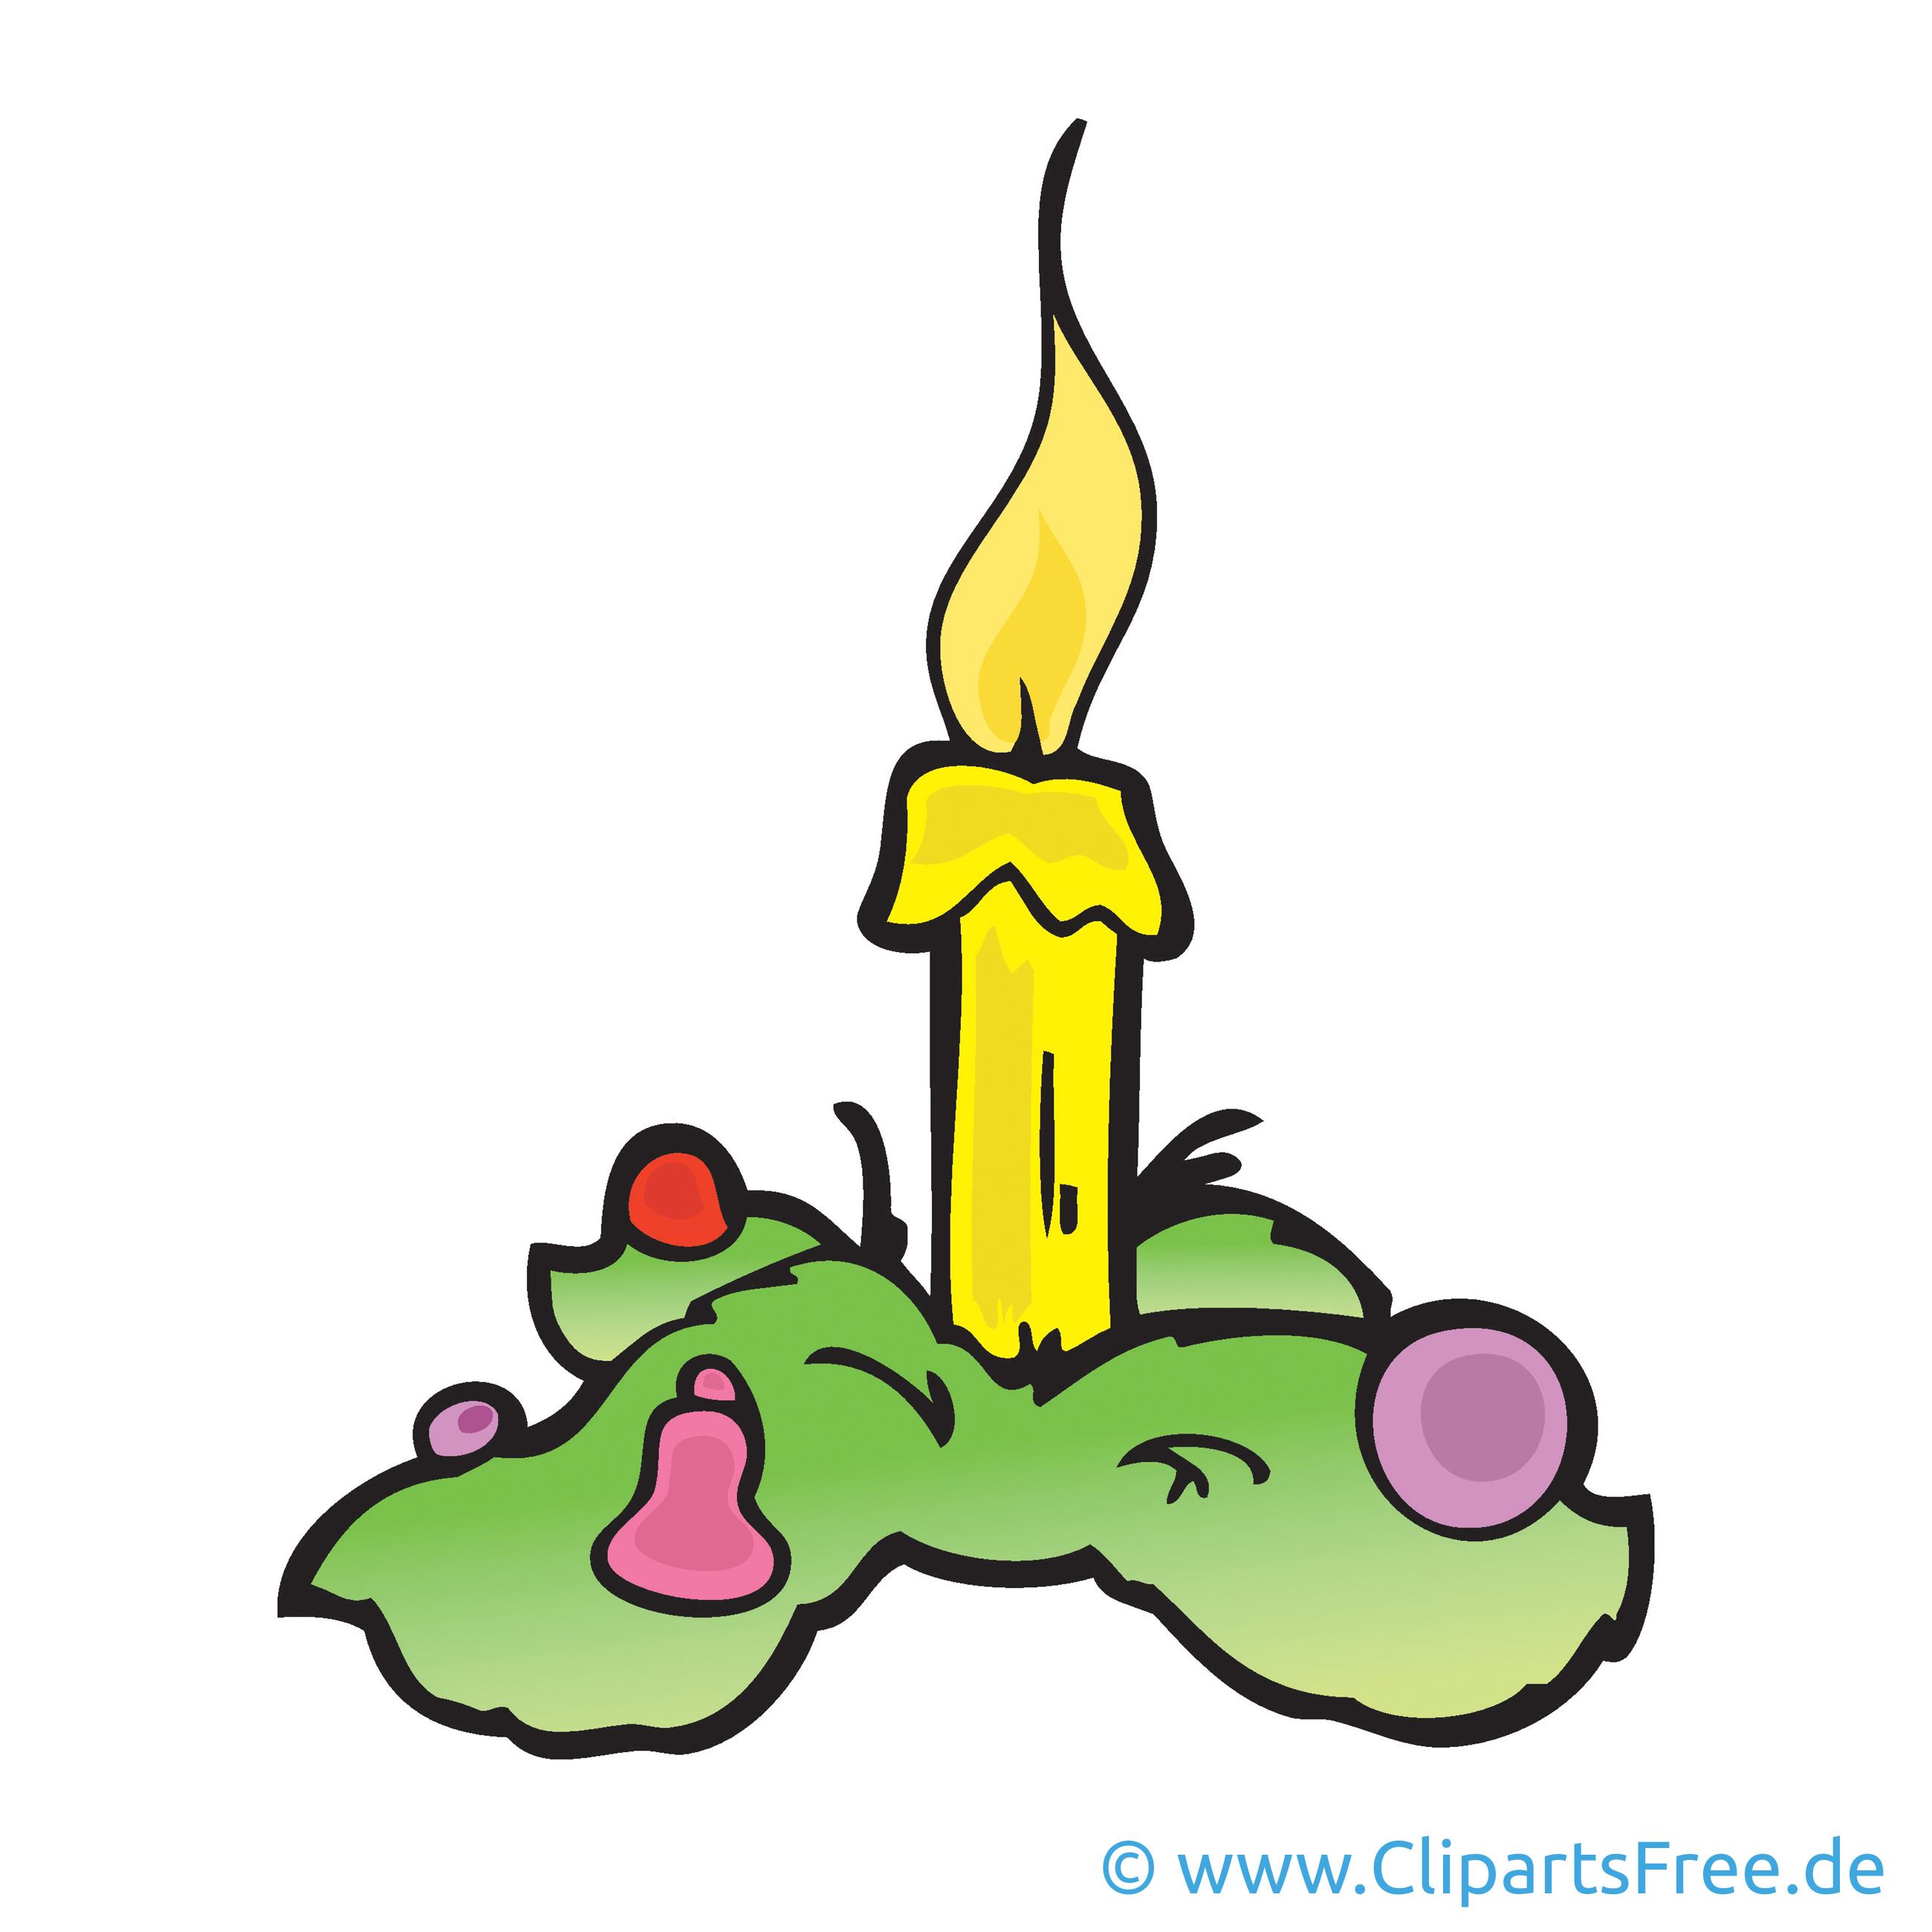 Weihnachtskranz Bild, Cartoon, Clipart, Grafik, Illustration